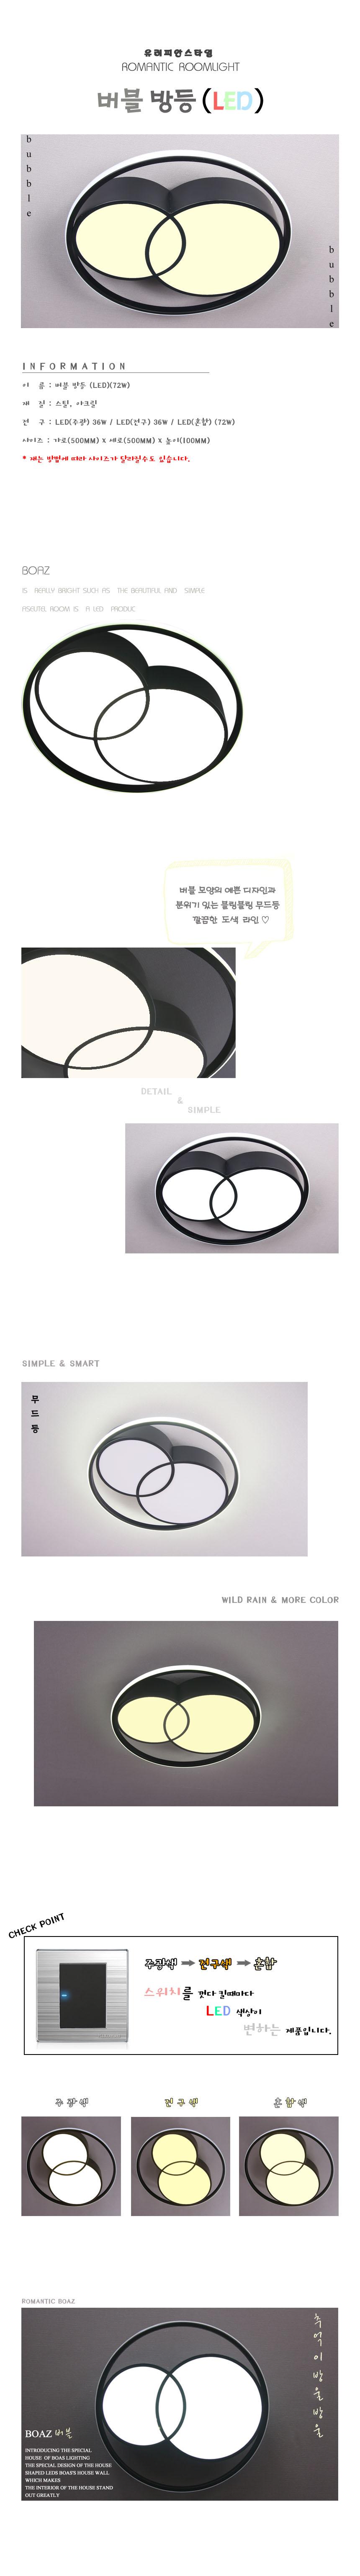 boaz 버블 방등(LED) 홈 디자인 카페 인테리어 조명 - 보아스라이팅, 90,000원, 리빙조명, 방등/천장등